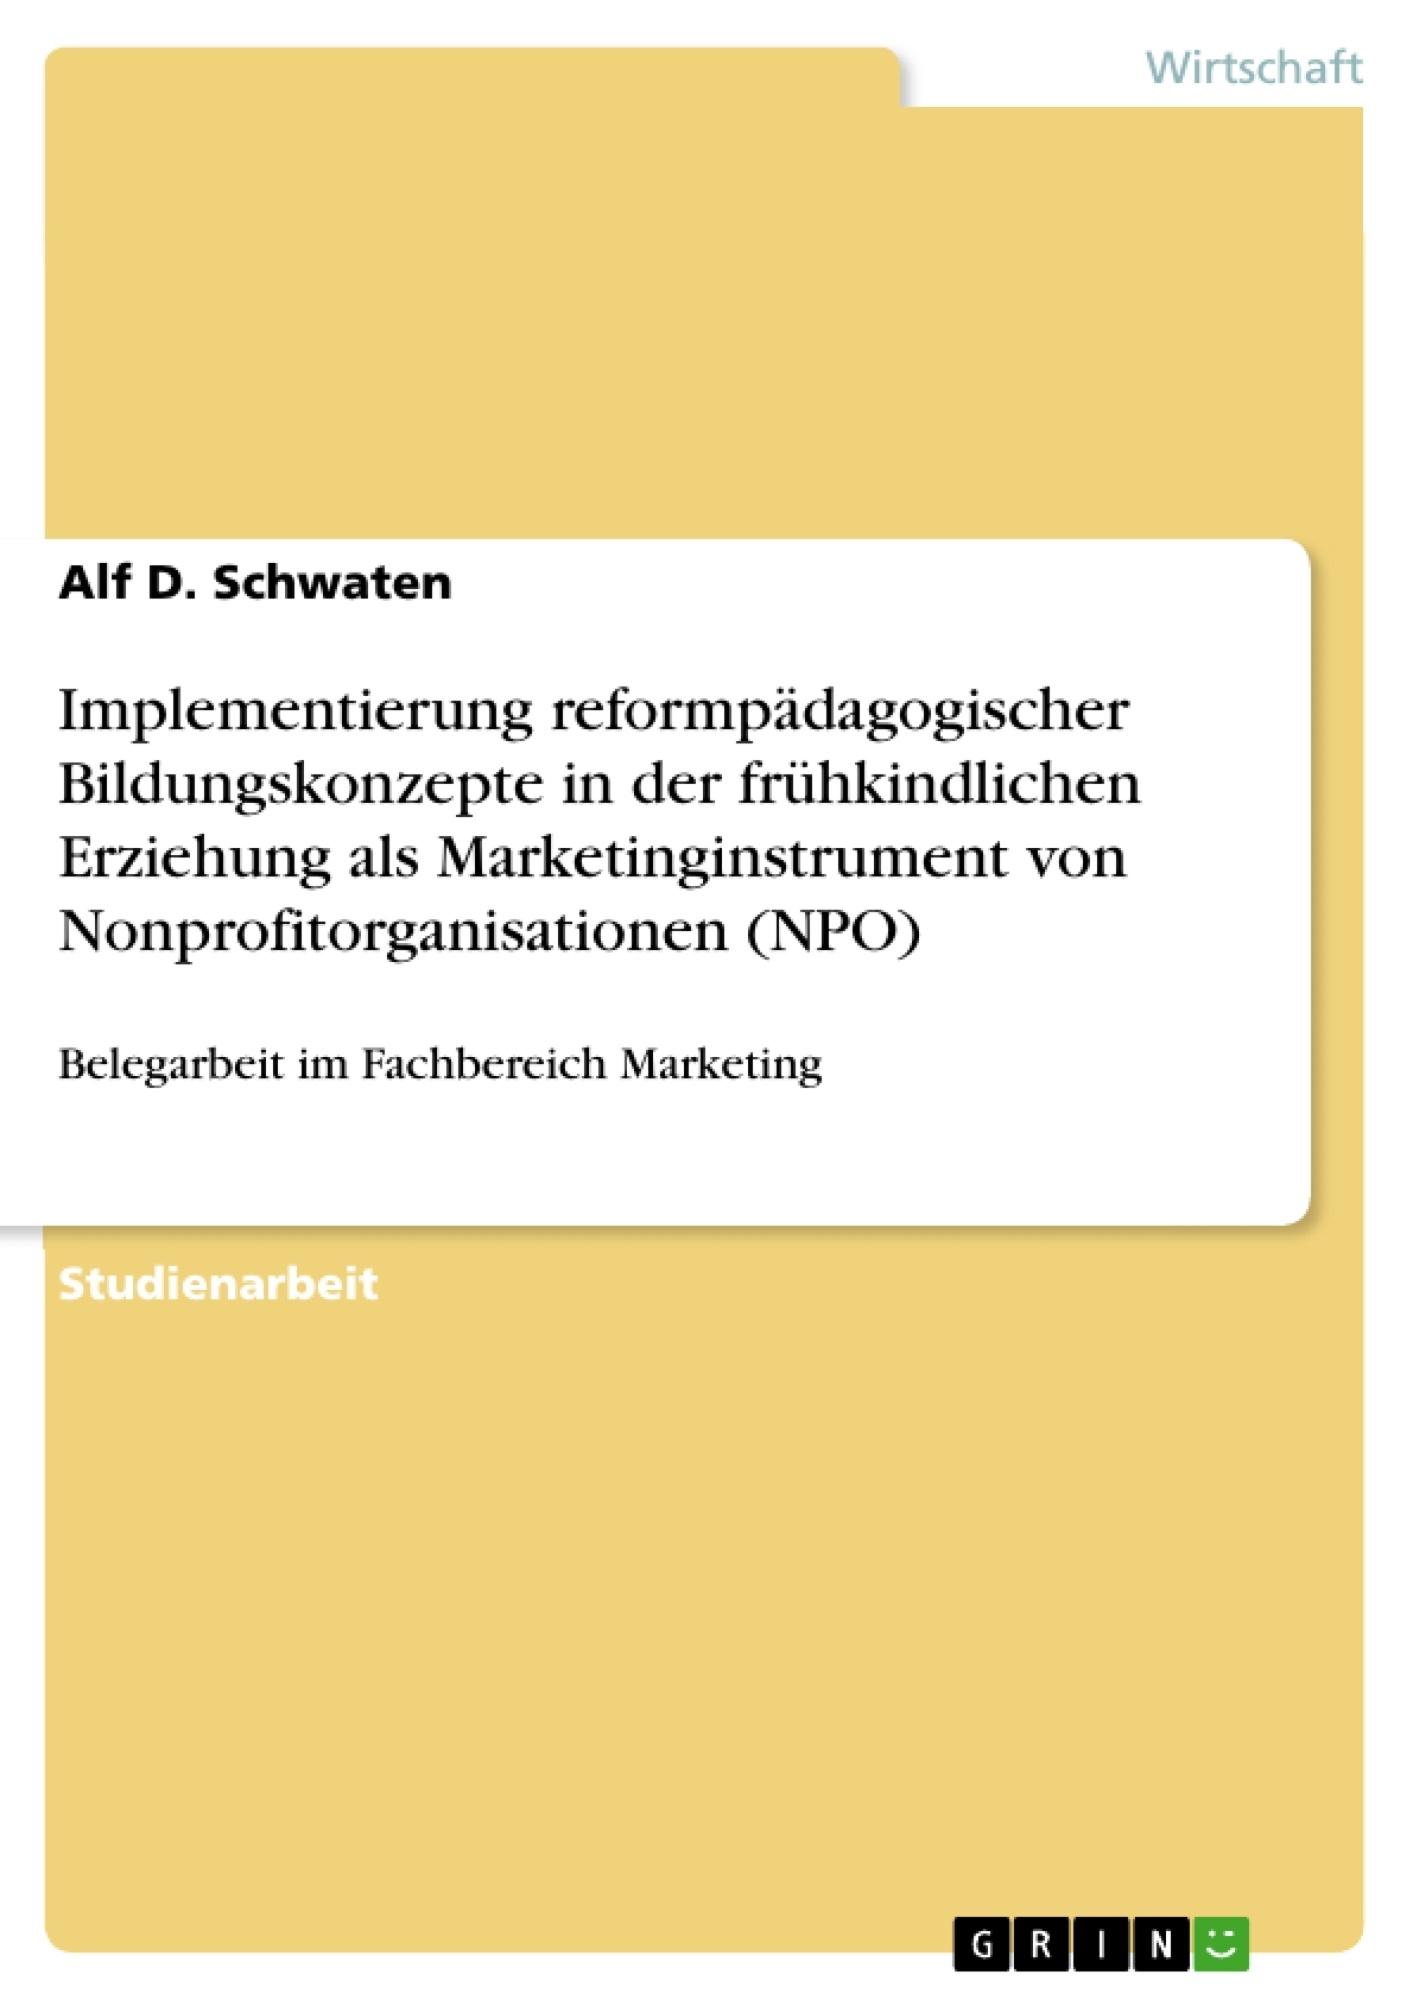 Titel: Implementierung reformpädagogischer Bildungskonzepte in der frühkindlichen Erziehung als Marketinginstrument von Nonprofitorganisationen (NPO)